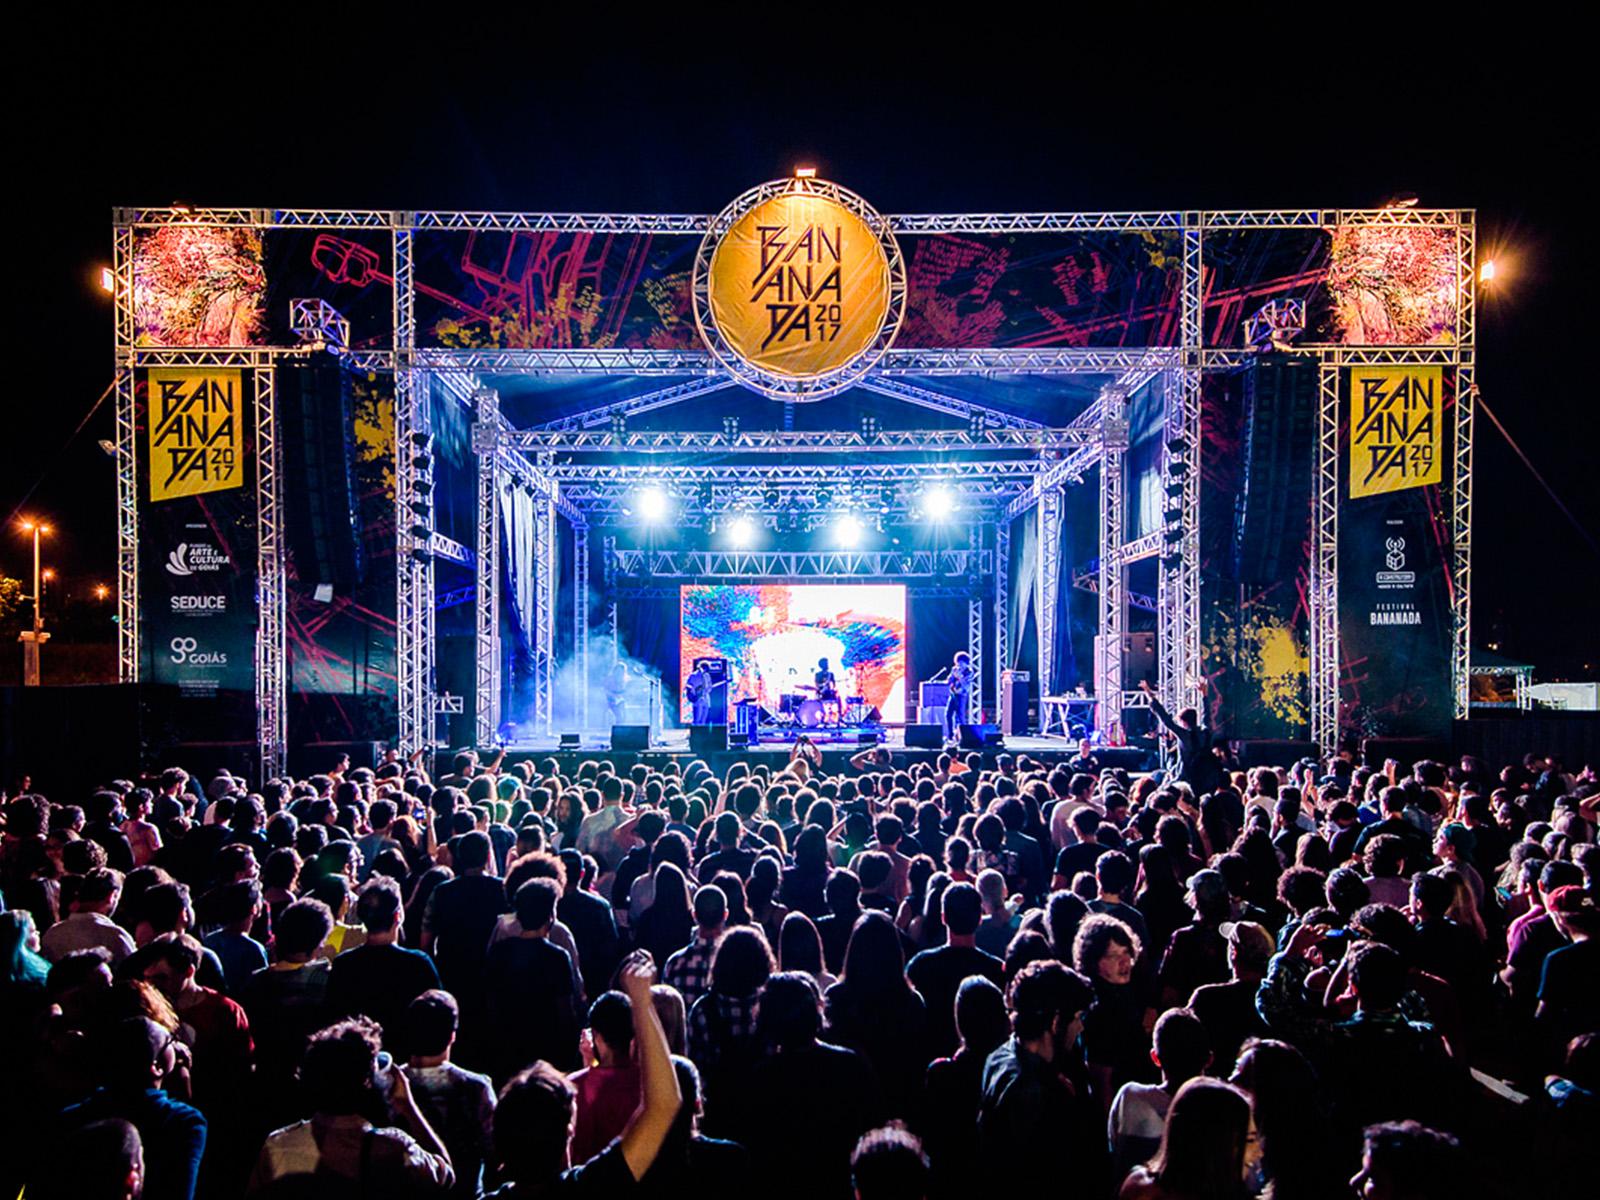 Review Festival Bananada – Um Festivalzão de Música Independente na Terra do Pequi e do Sertanejo